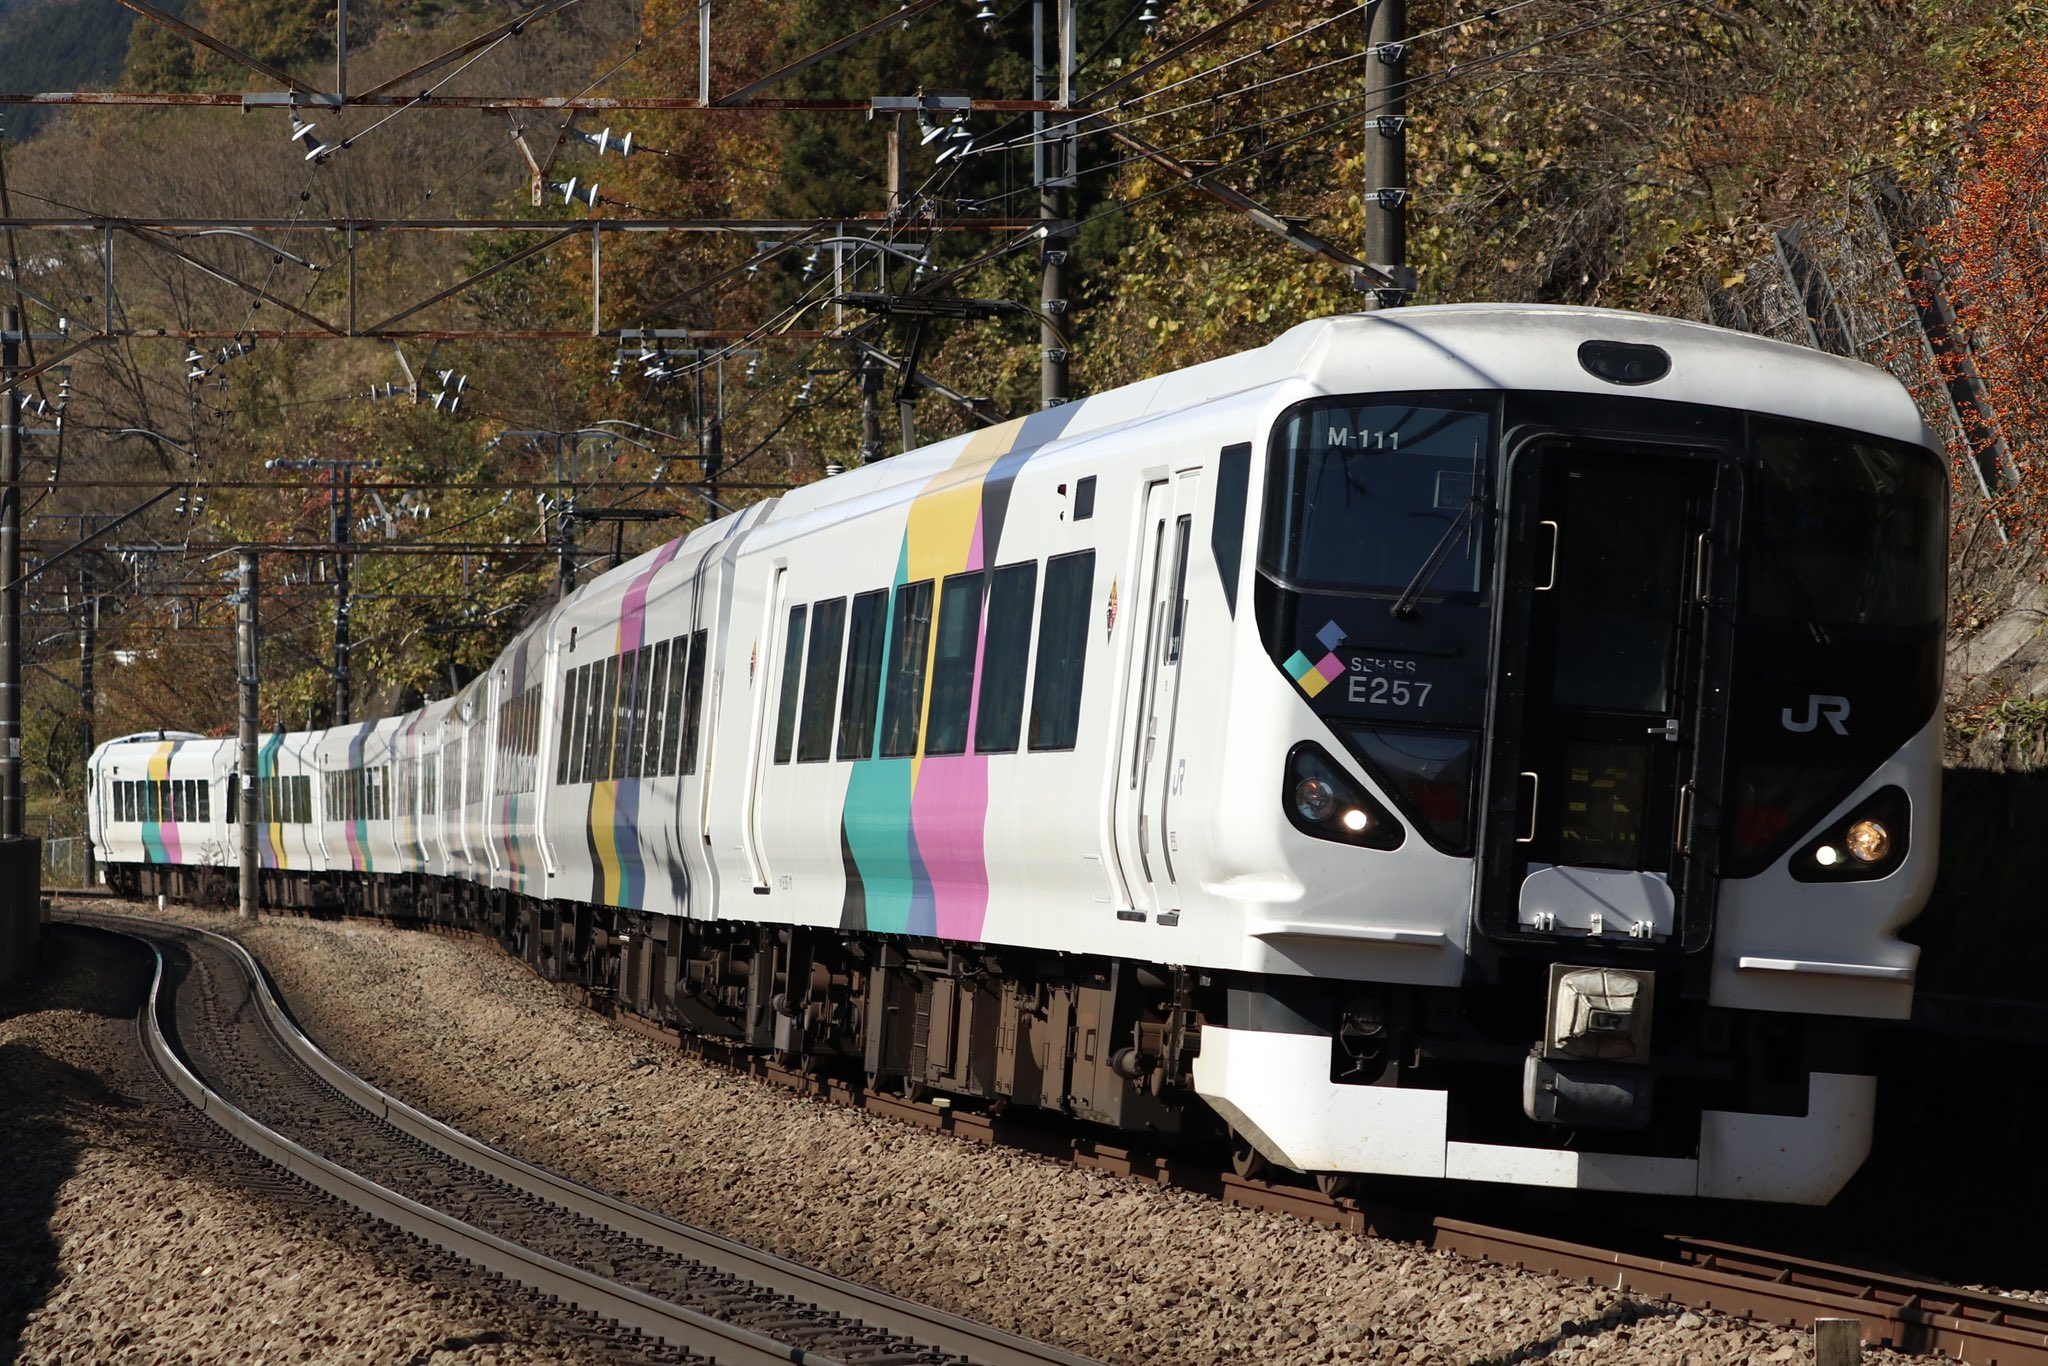 【新機能?】中央線E257系がウインカーを出しながら通過 一体なぜ